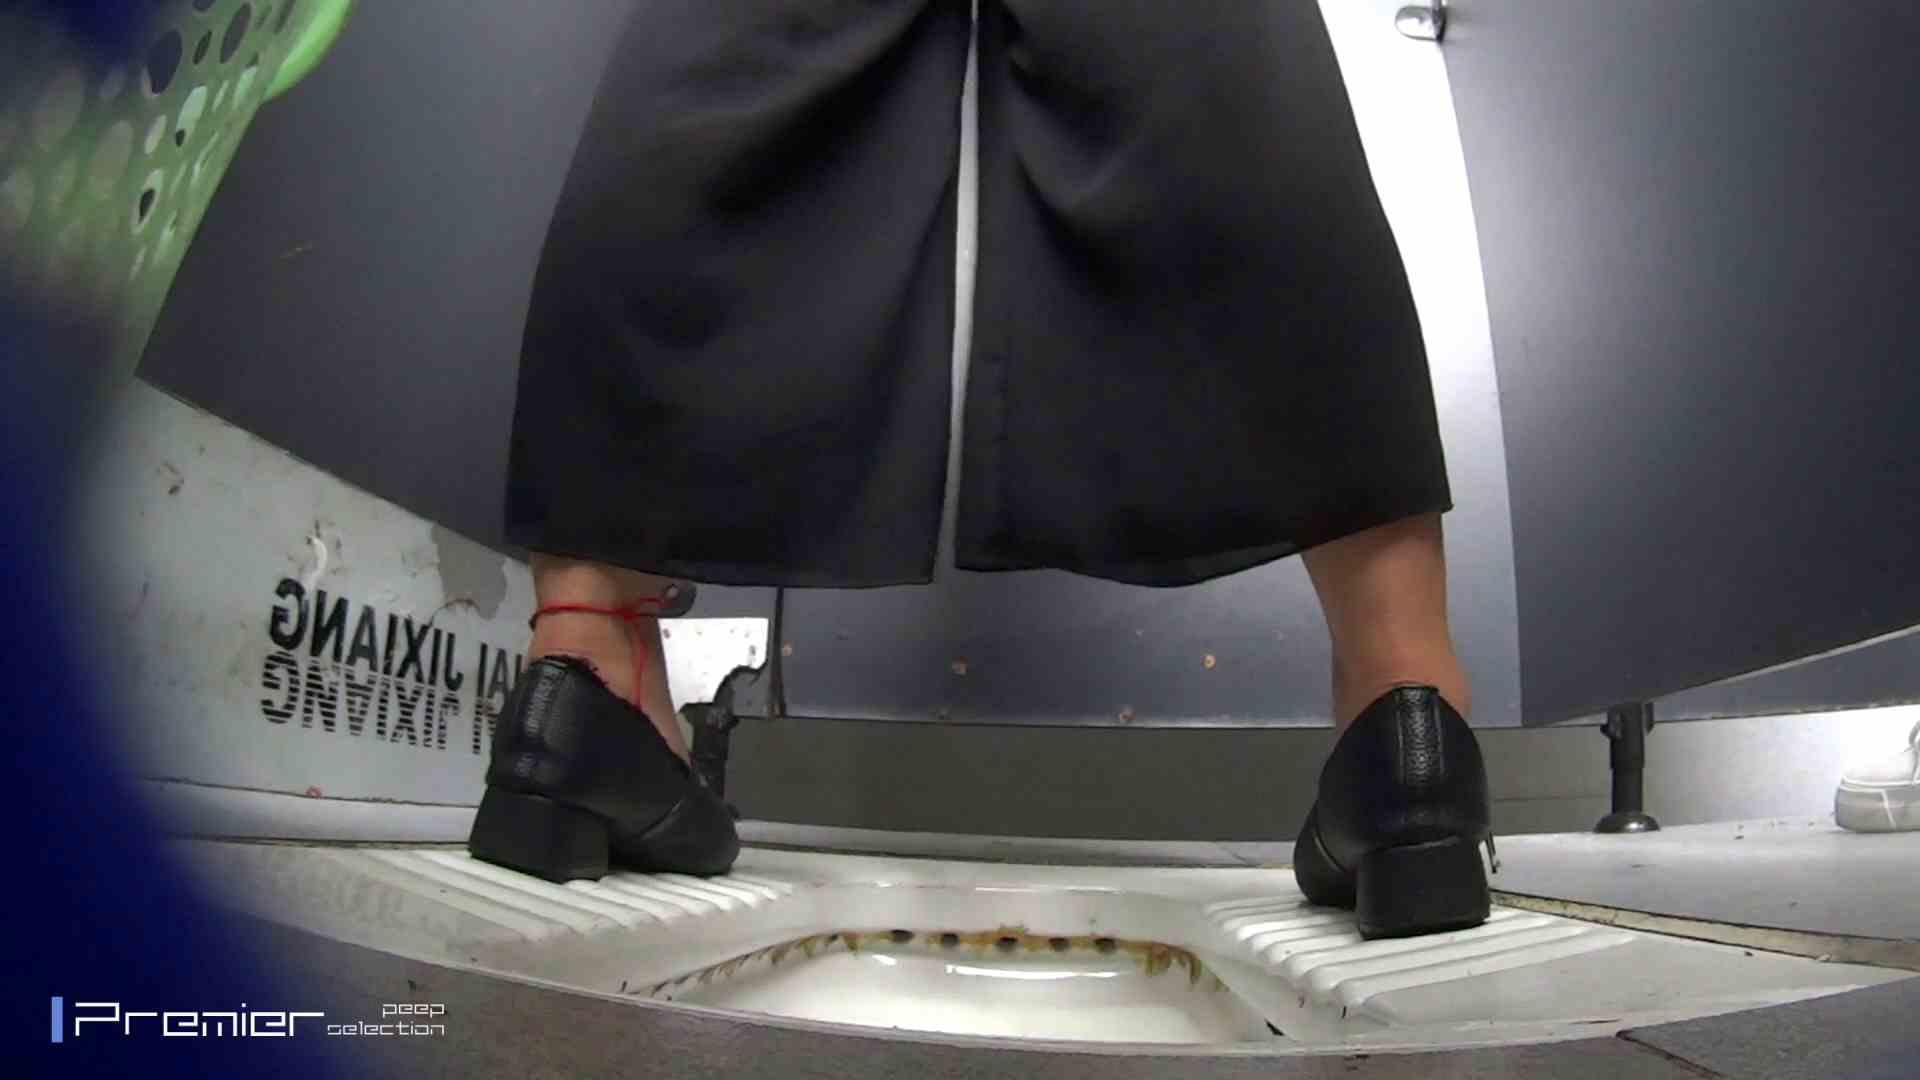 夏全開!ハーフパンツのギャル達 大学休憩時間の洗面所事情44 お姉さん攻略 オマンコ無修正動画無料 105画像 17